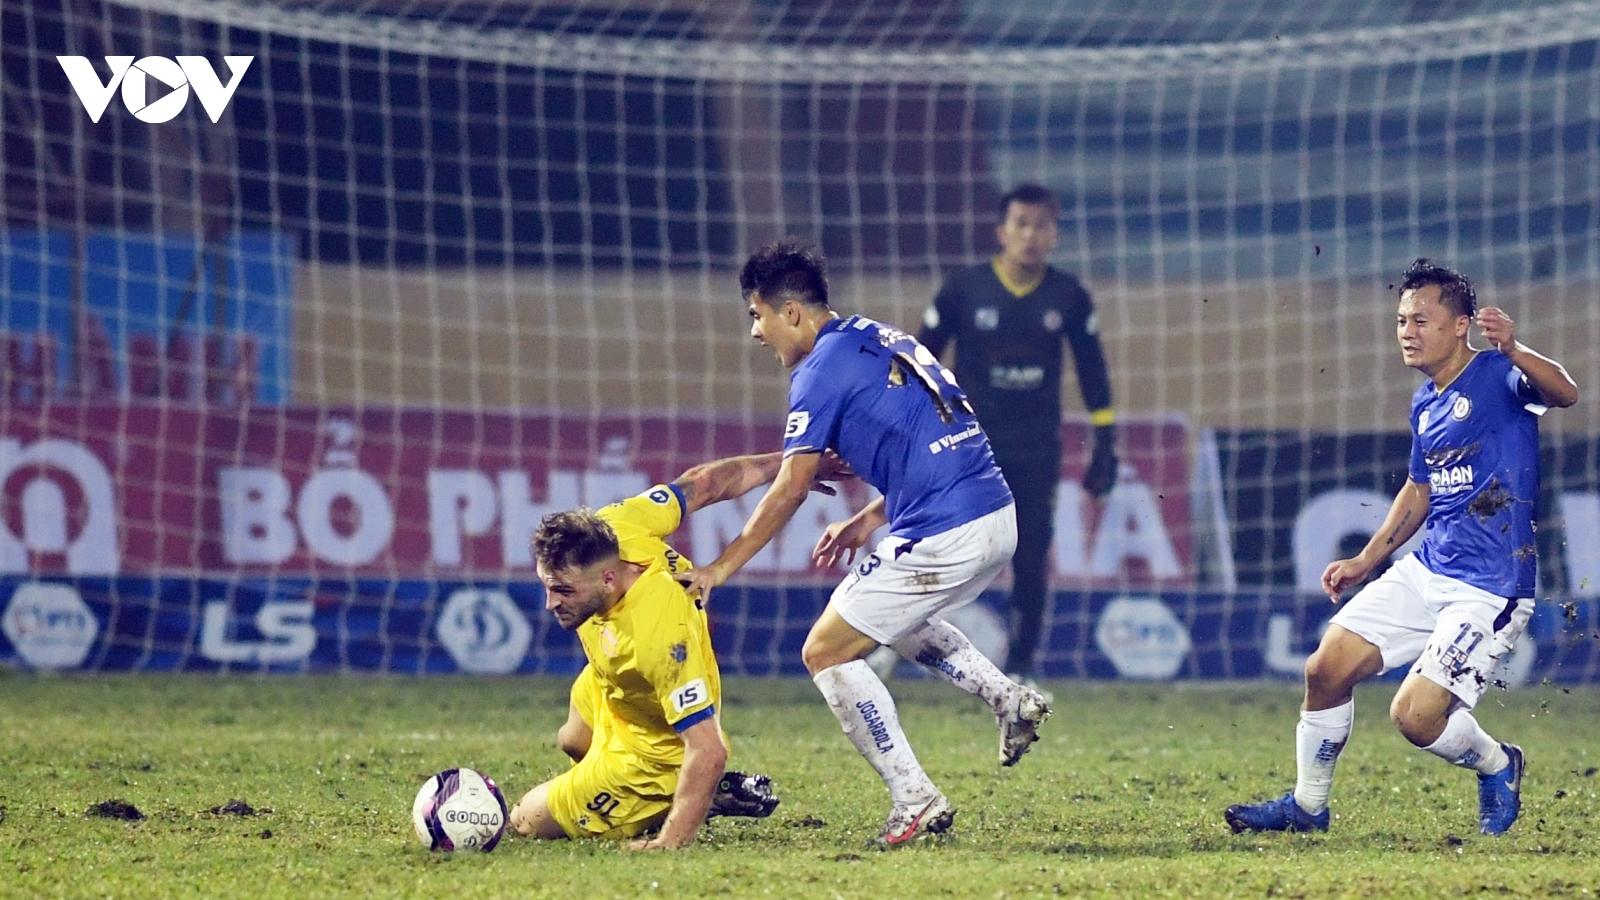 HLV Văn Sỹ yêu cầu xử lý nghiêm những hành vi bạo lực ở V-League 2021